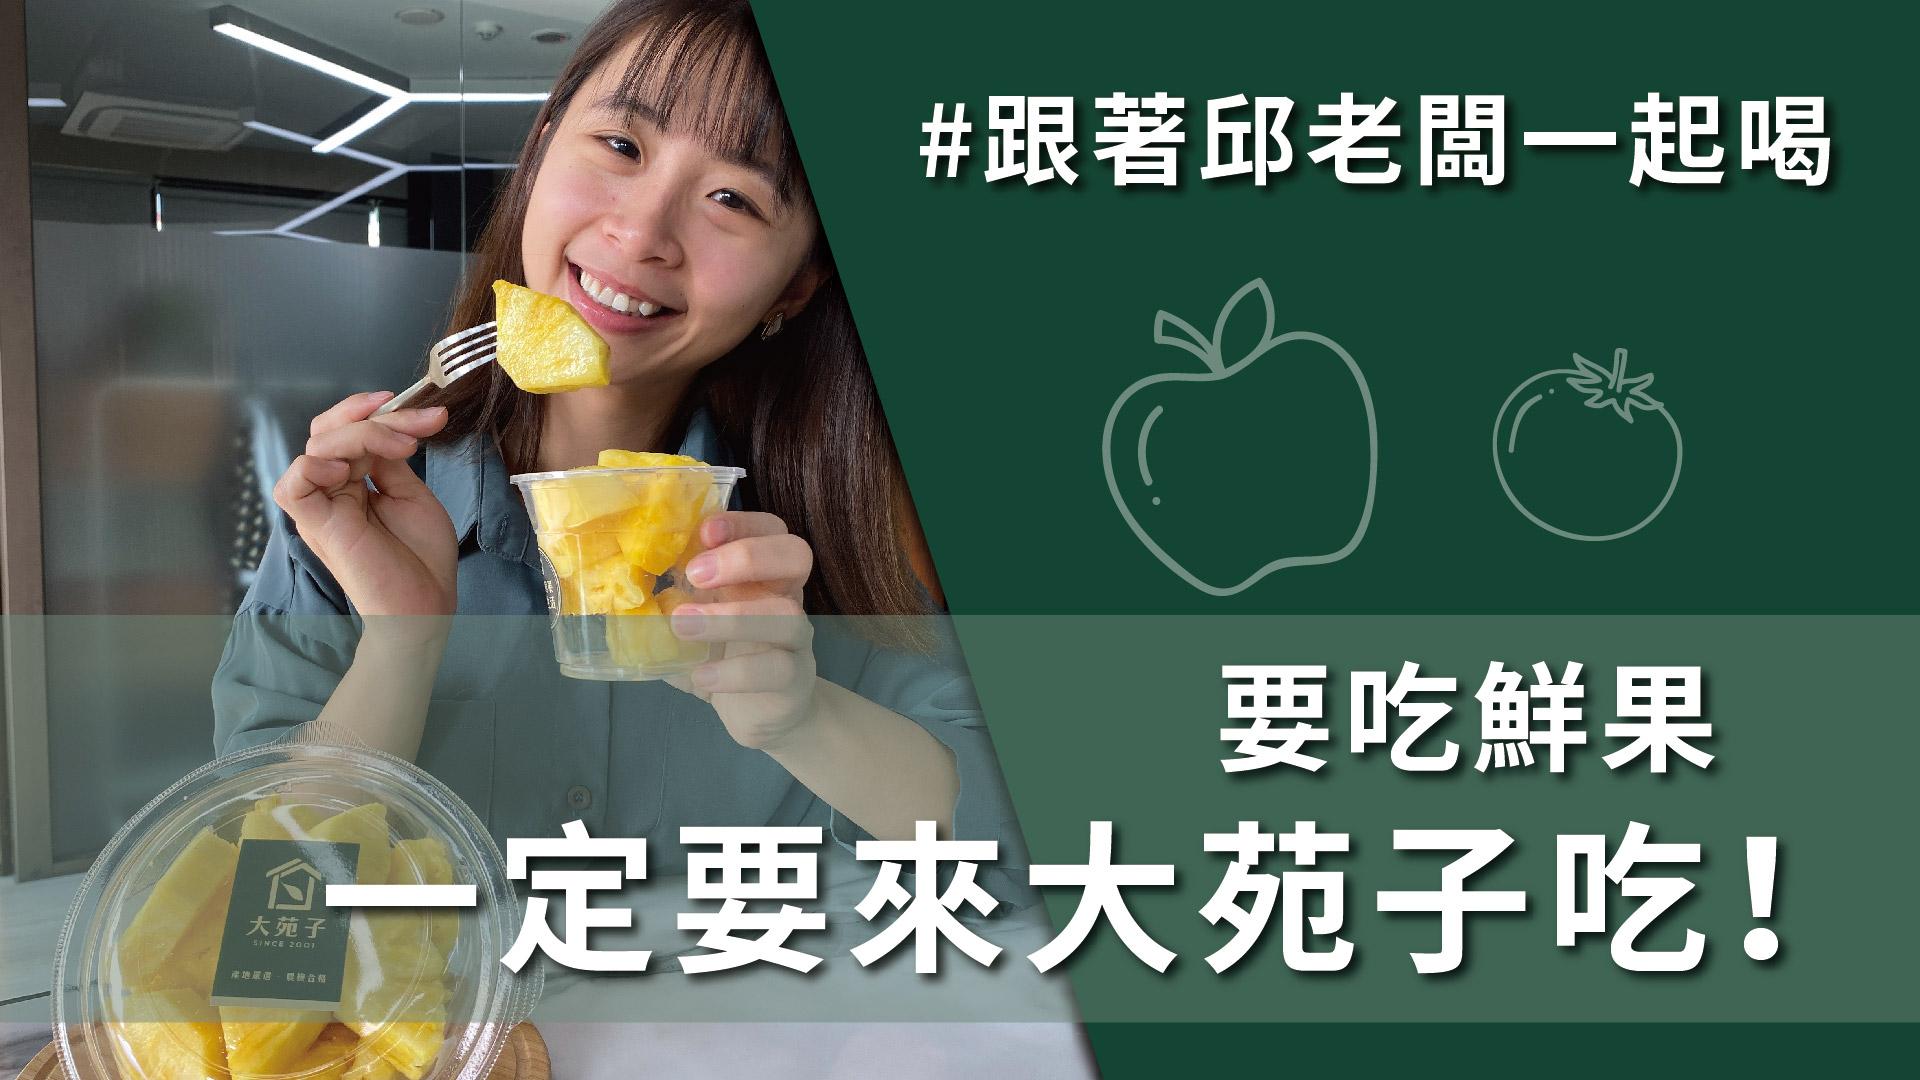 愛文芒果的香甜融入翡翠綠茶的清新,大苑子愛文翡翠現正熱賣!#4月21日 #DAY220